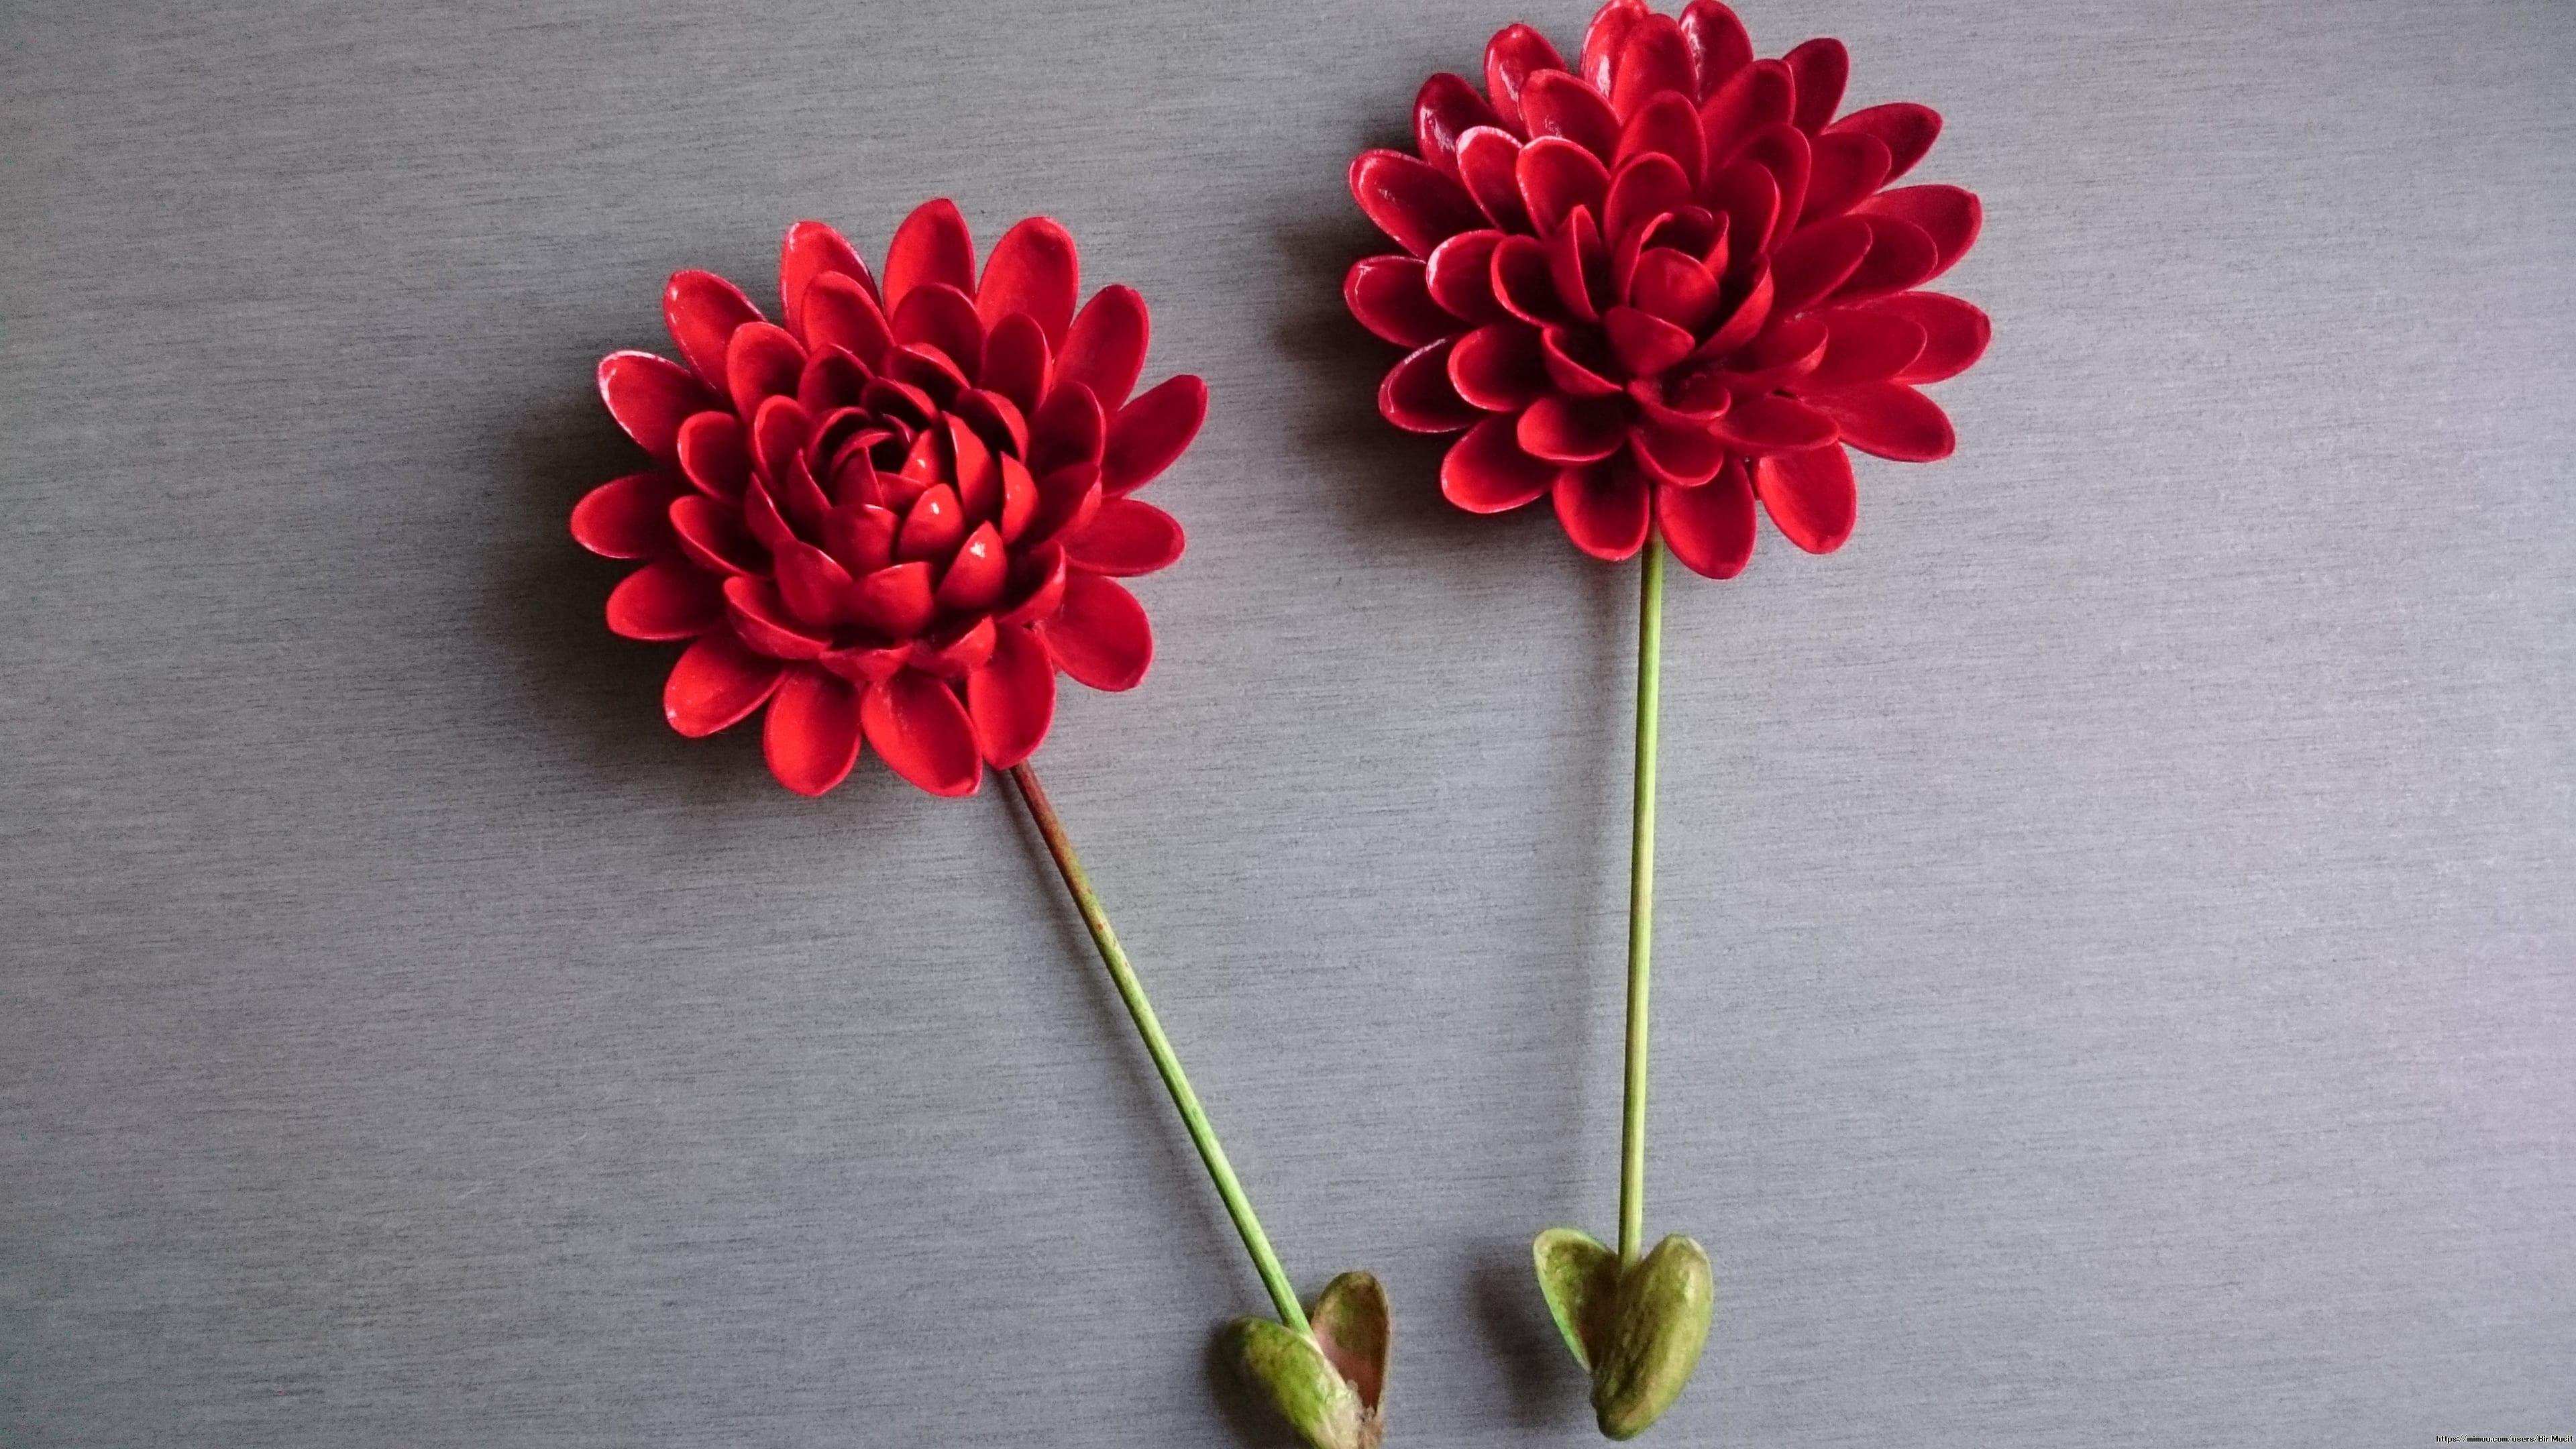 Antep fıstığı kabuklarından çiçek yapımı